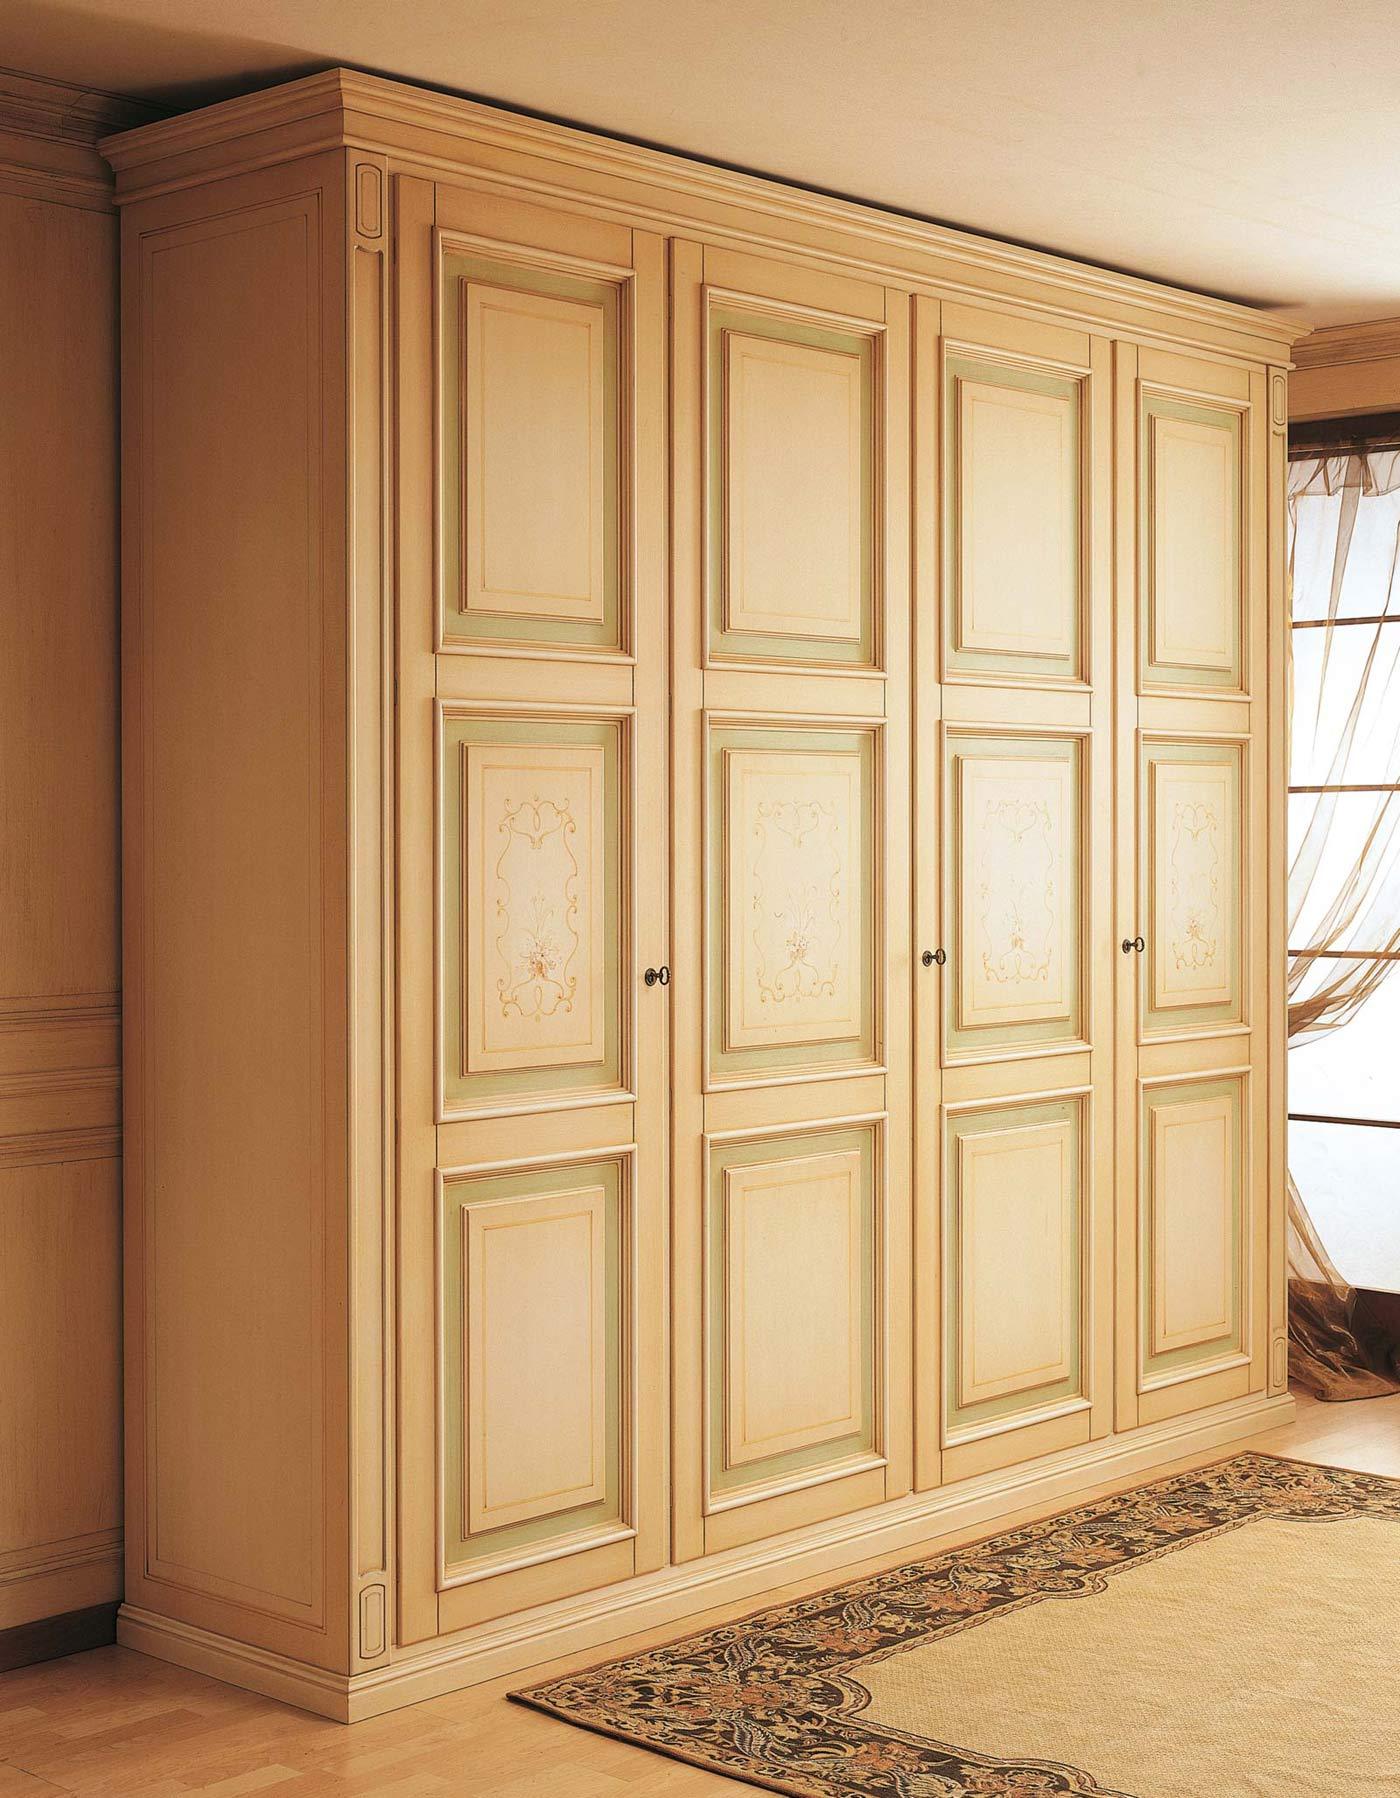 armoire modulaire dans le style classique oxford. Black Bedroom Furniture Sets. Home Design Ideas